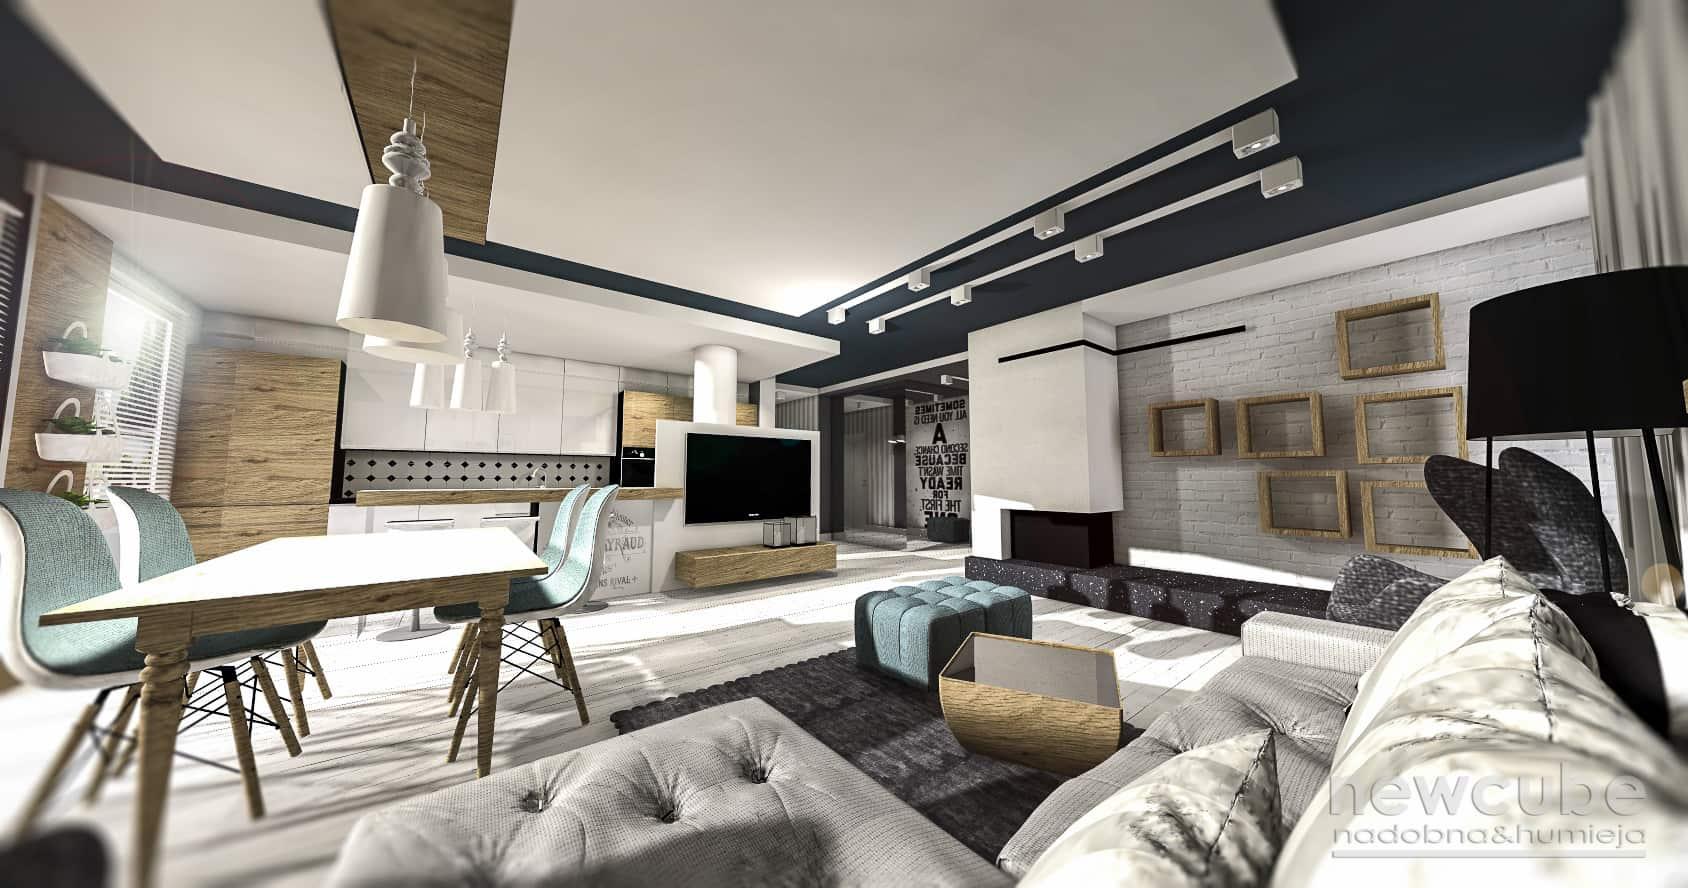 aranzacja-wnetrz-projekt-architekt-new-cube-120151104